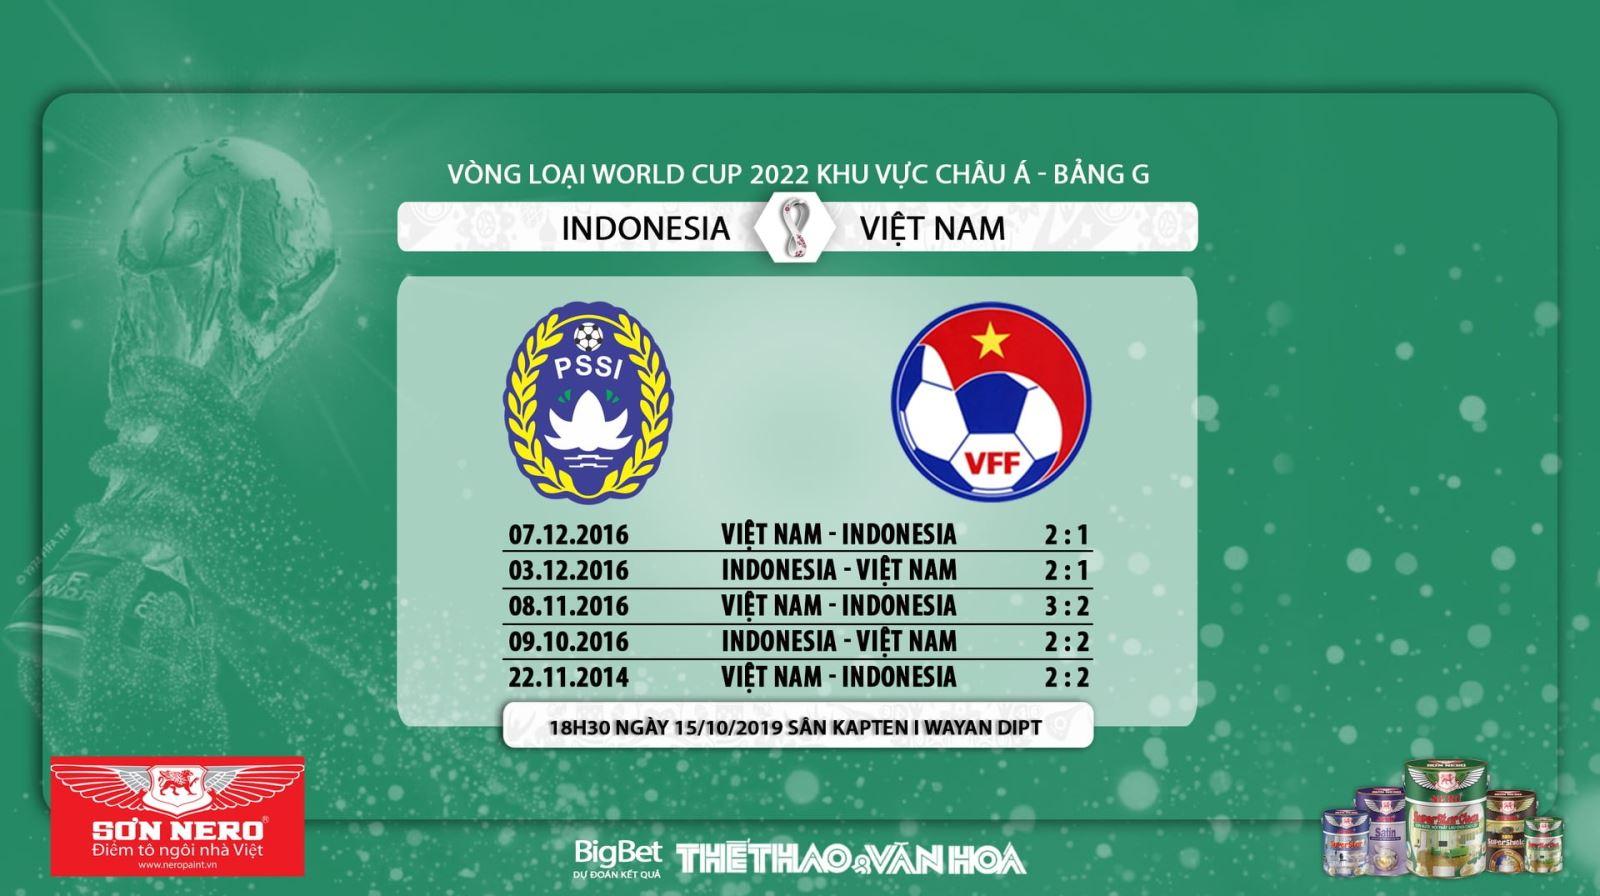 Indonesia đấu với Việt Nam, Việt Nam vs Indonesia, Vietnam vs Indo, Việt Nam đấu với Indonesia, Việt Nam và Indonesia, Indo vs VN, Viet Nam với Indo, Việt Nam gặp Indo, Việt Nam, Indonesia, Vietnam, VN, Indo